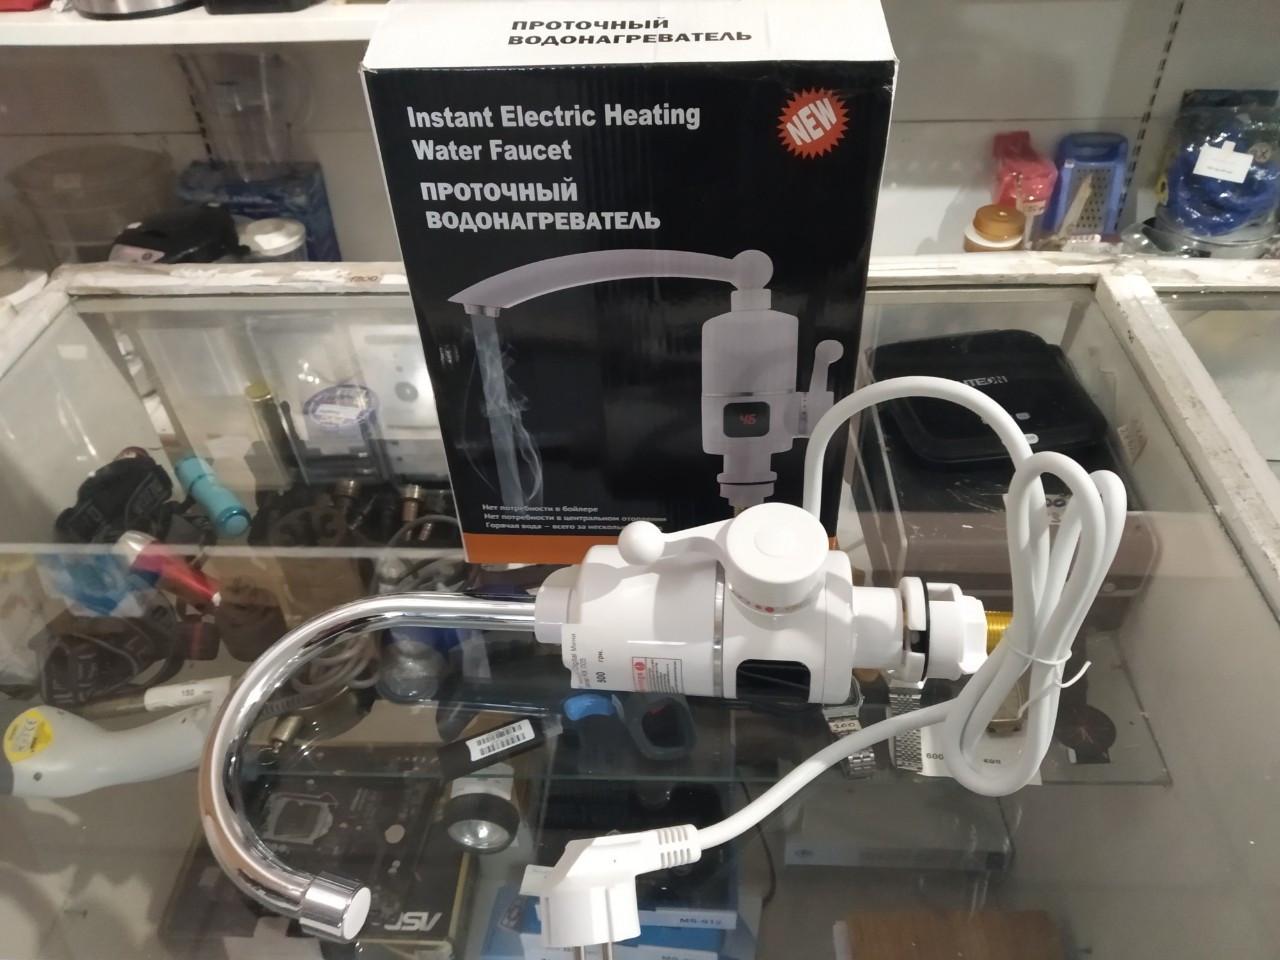 Вертикальный водонагреватель проточный на кран c LCD дисплеем RX-005 3000 Вт